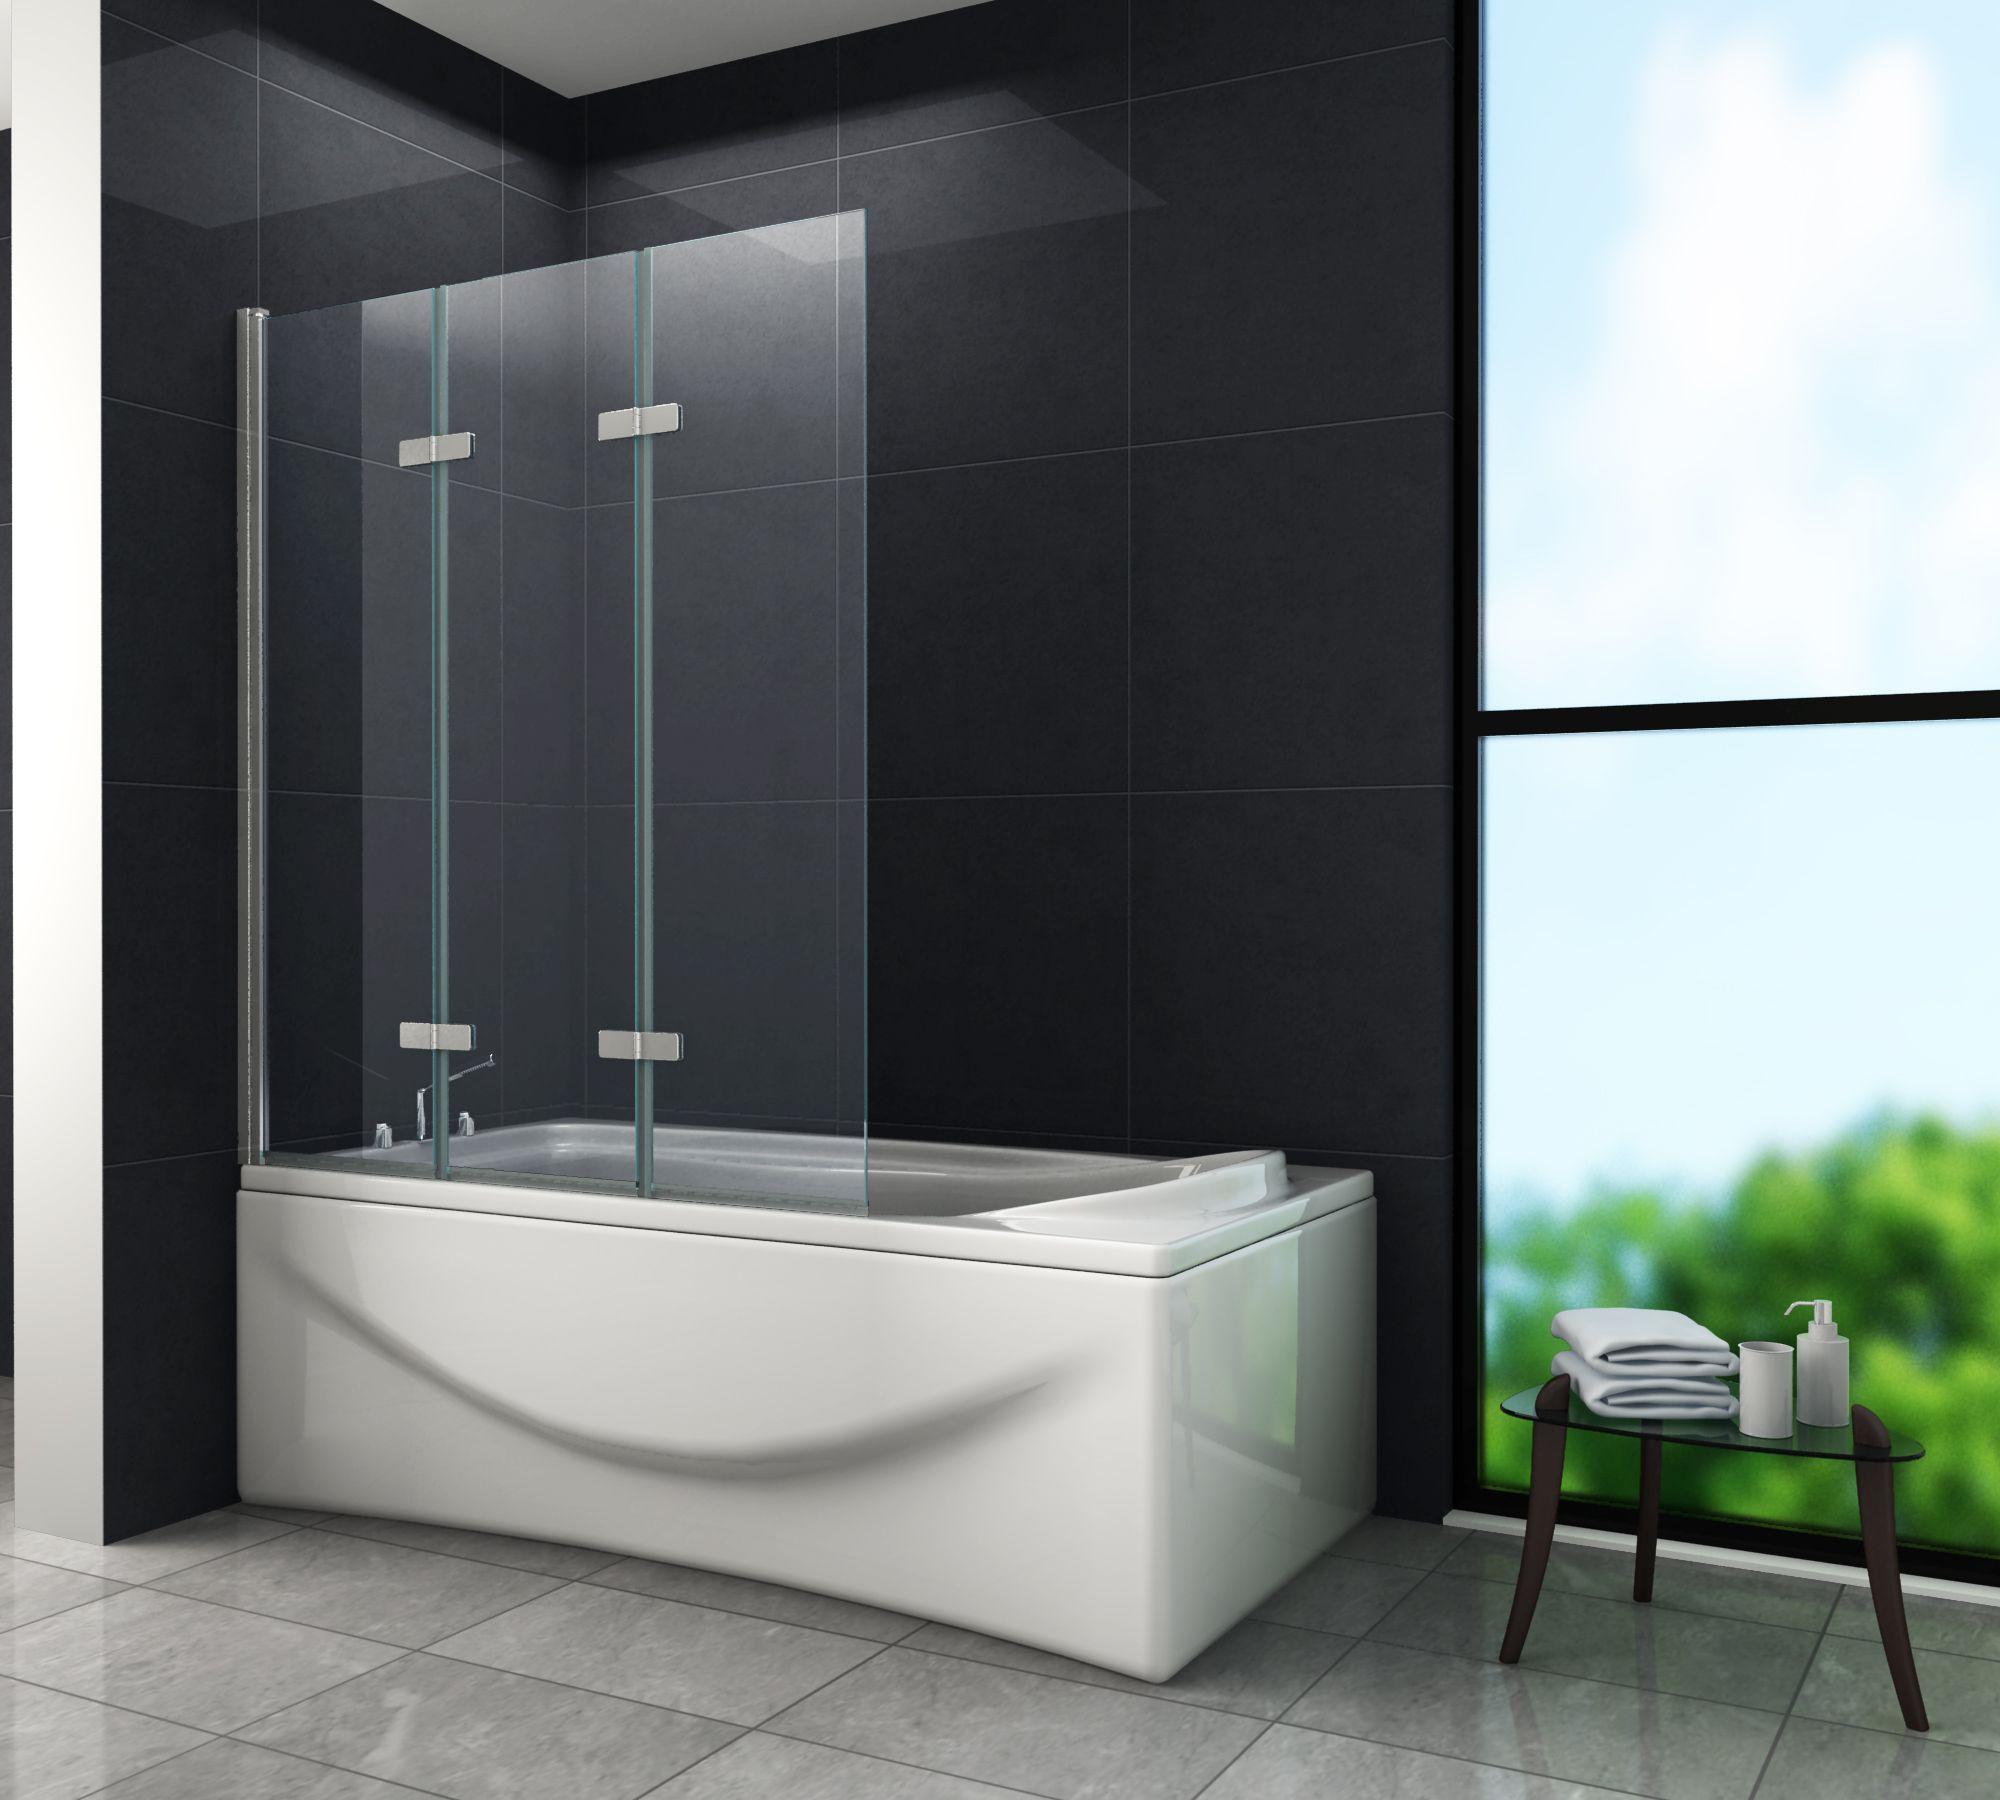 Duschtrennwand VALVE 130 x 140 (Badewanne)